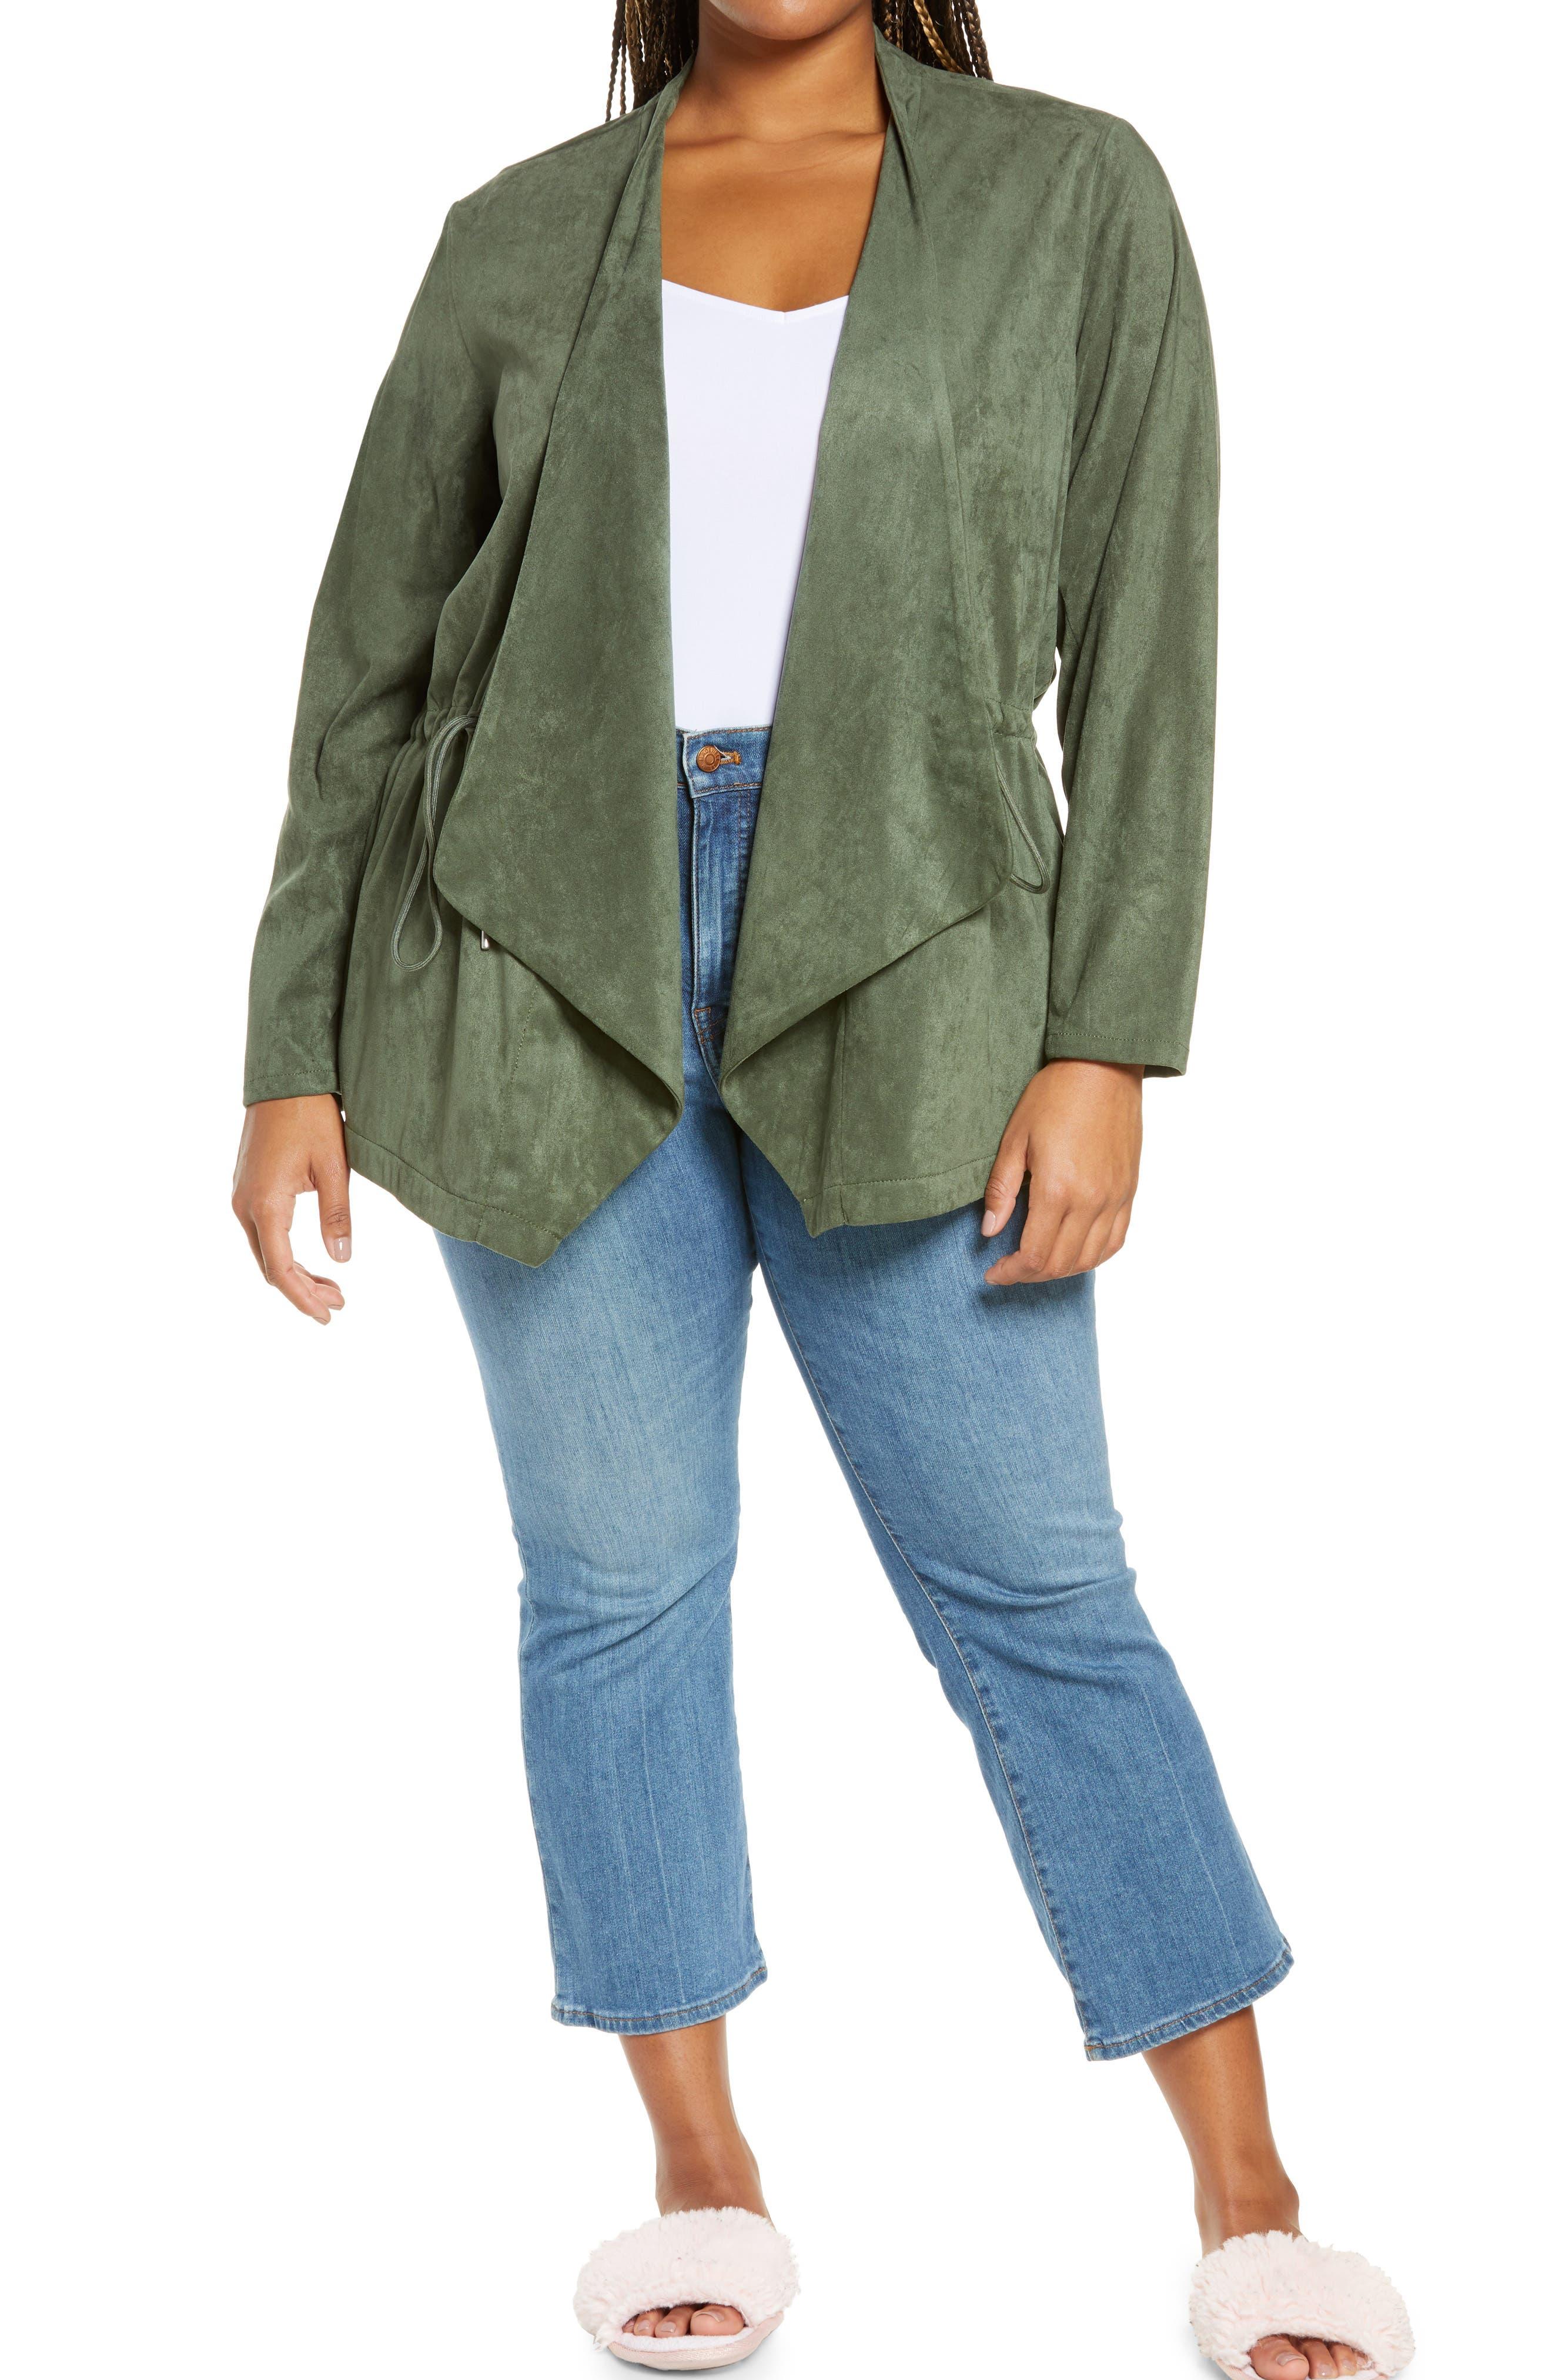 Plus Size Women's Blanknyc Faux Suede Drapey Jacket, Size 1X - Green